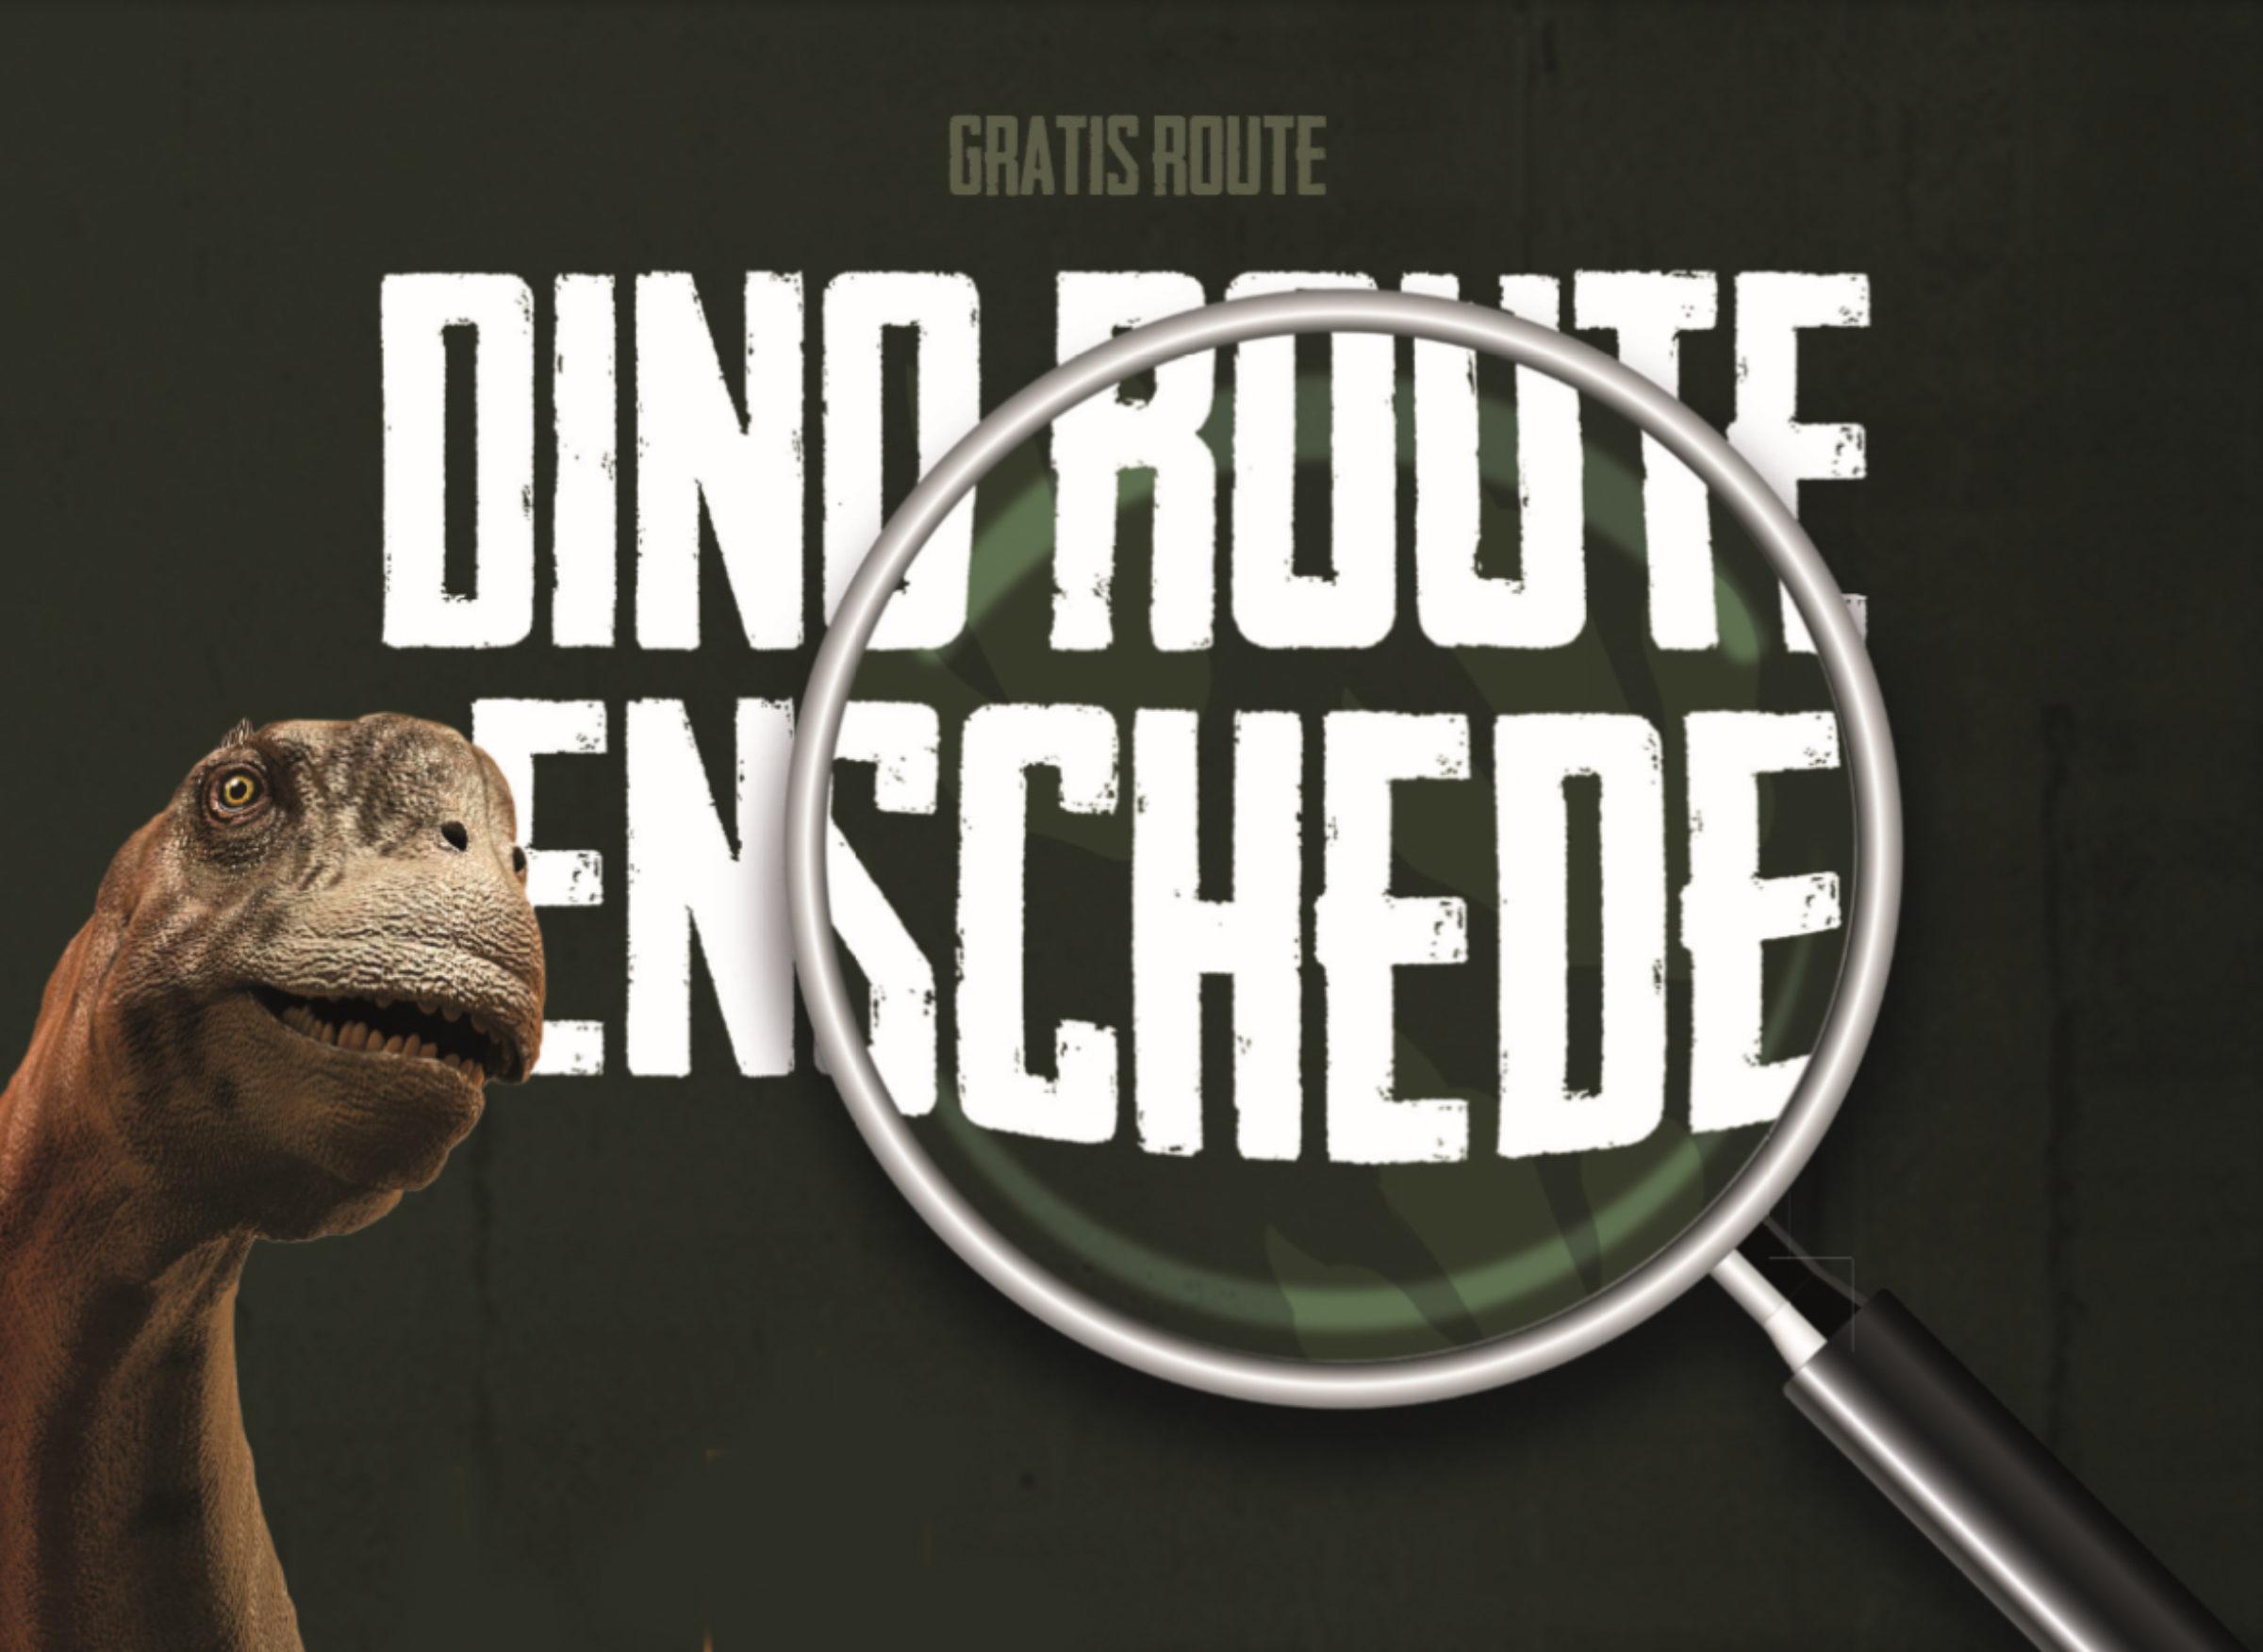 Dinoroute enschede 3290 1562162821 35hxktkzge